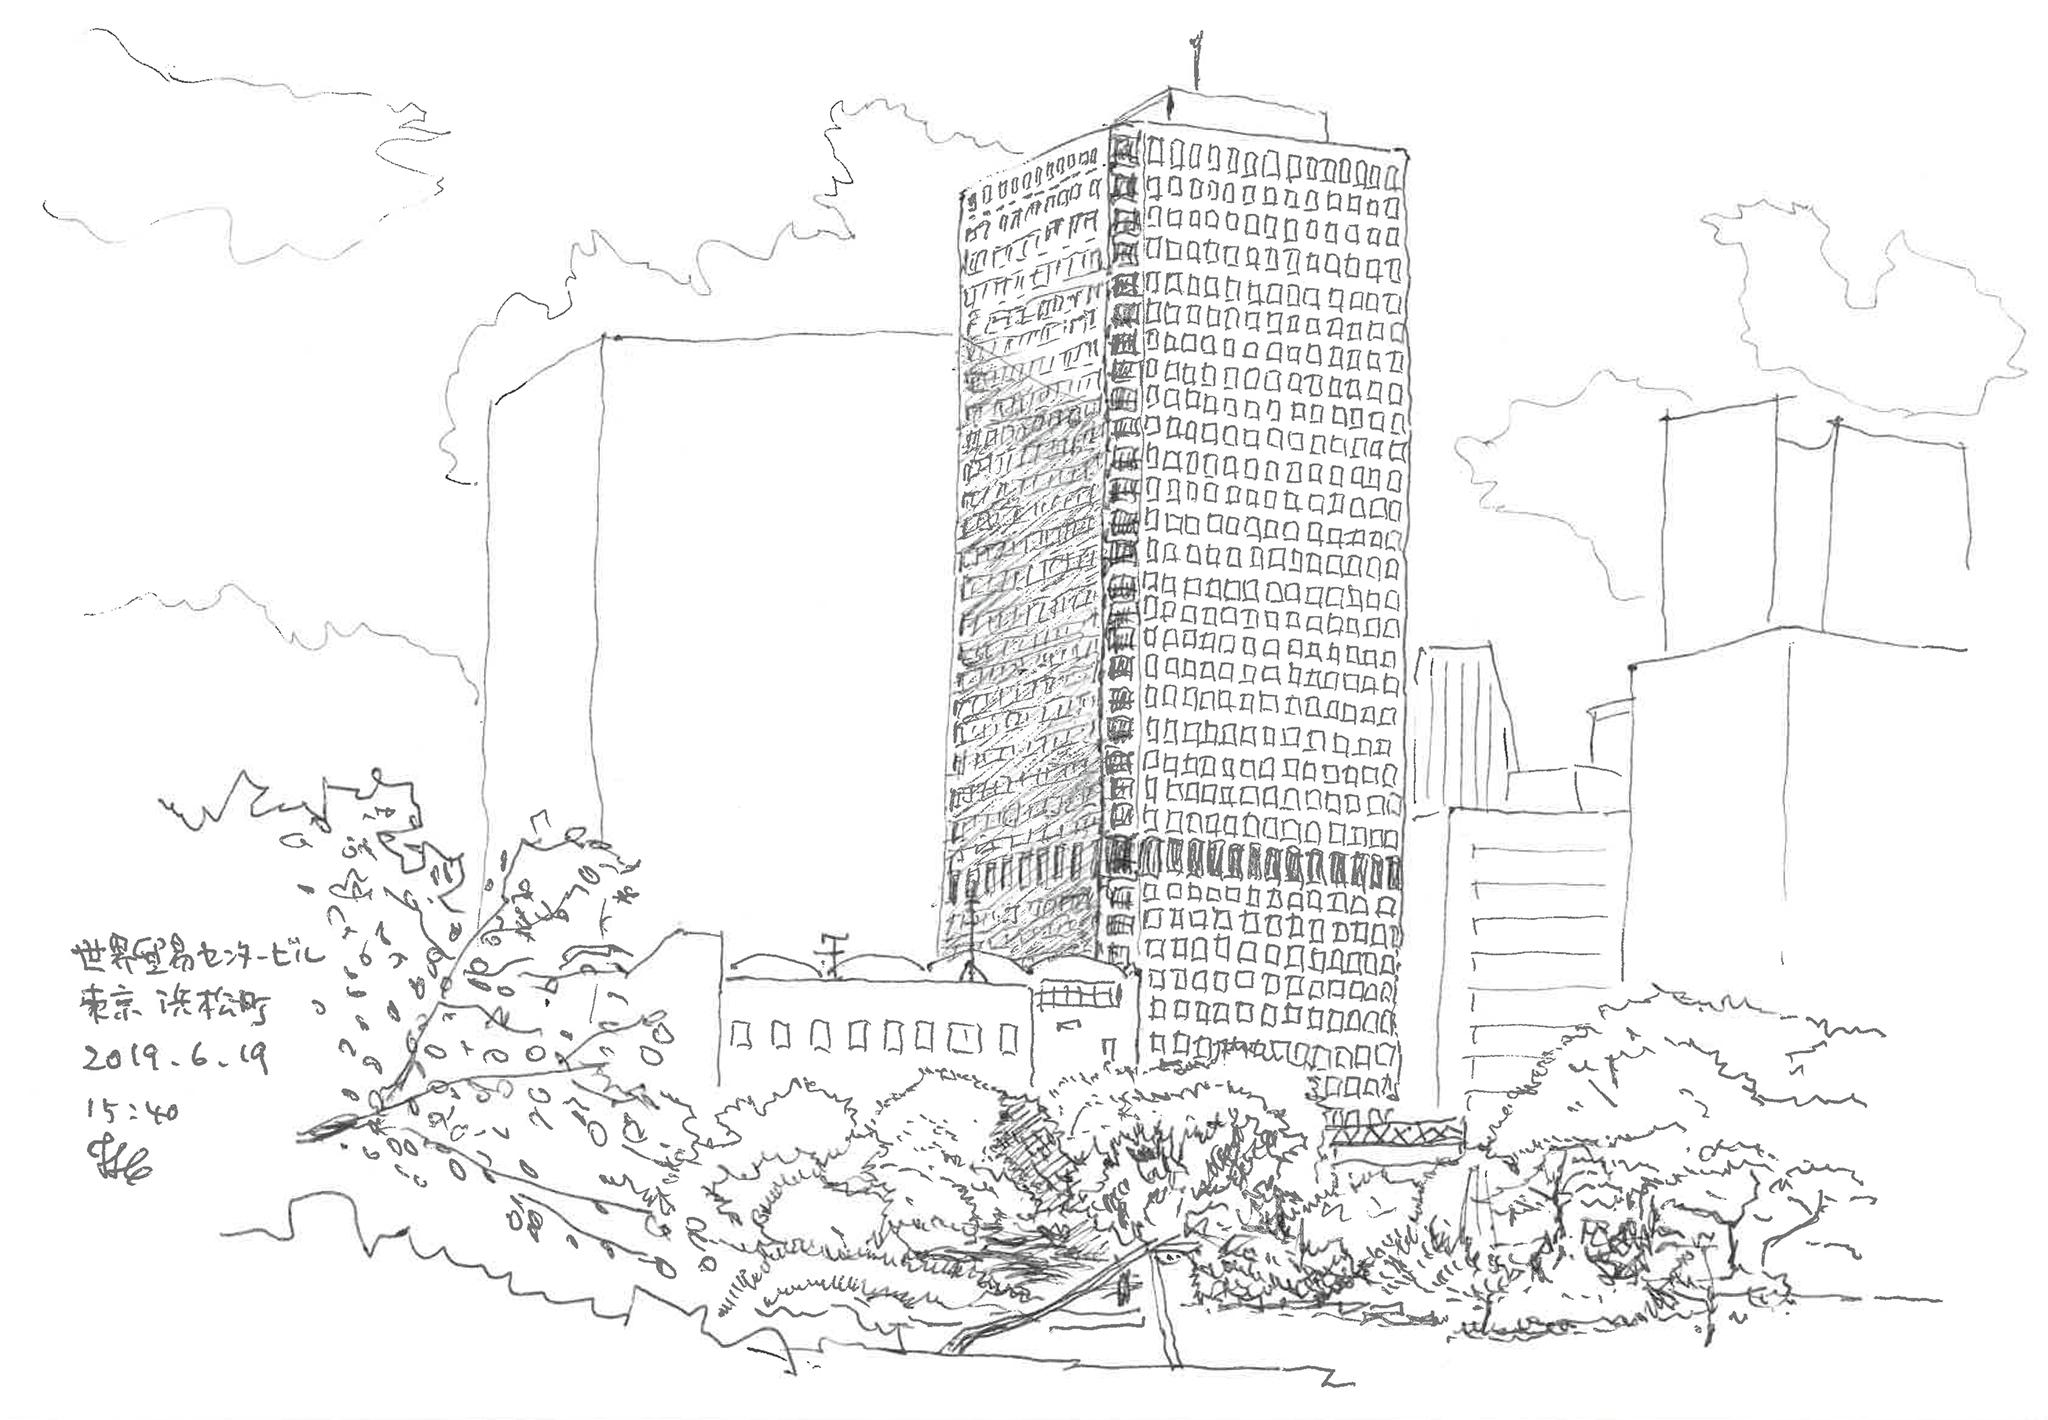 世界貿易センタービル 神田順 まちの中の建築スケッチ